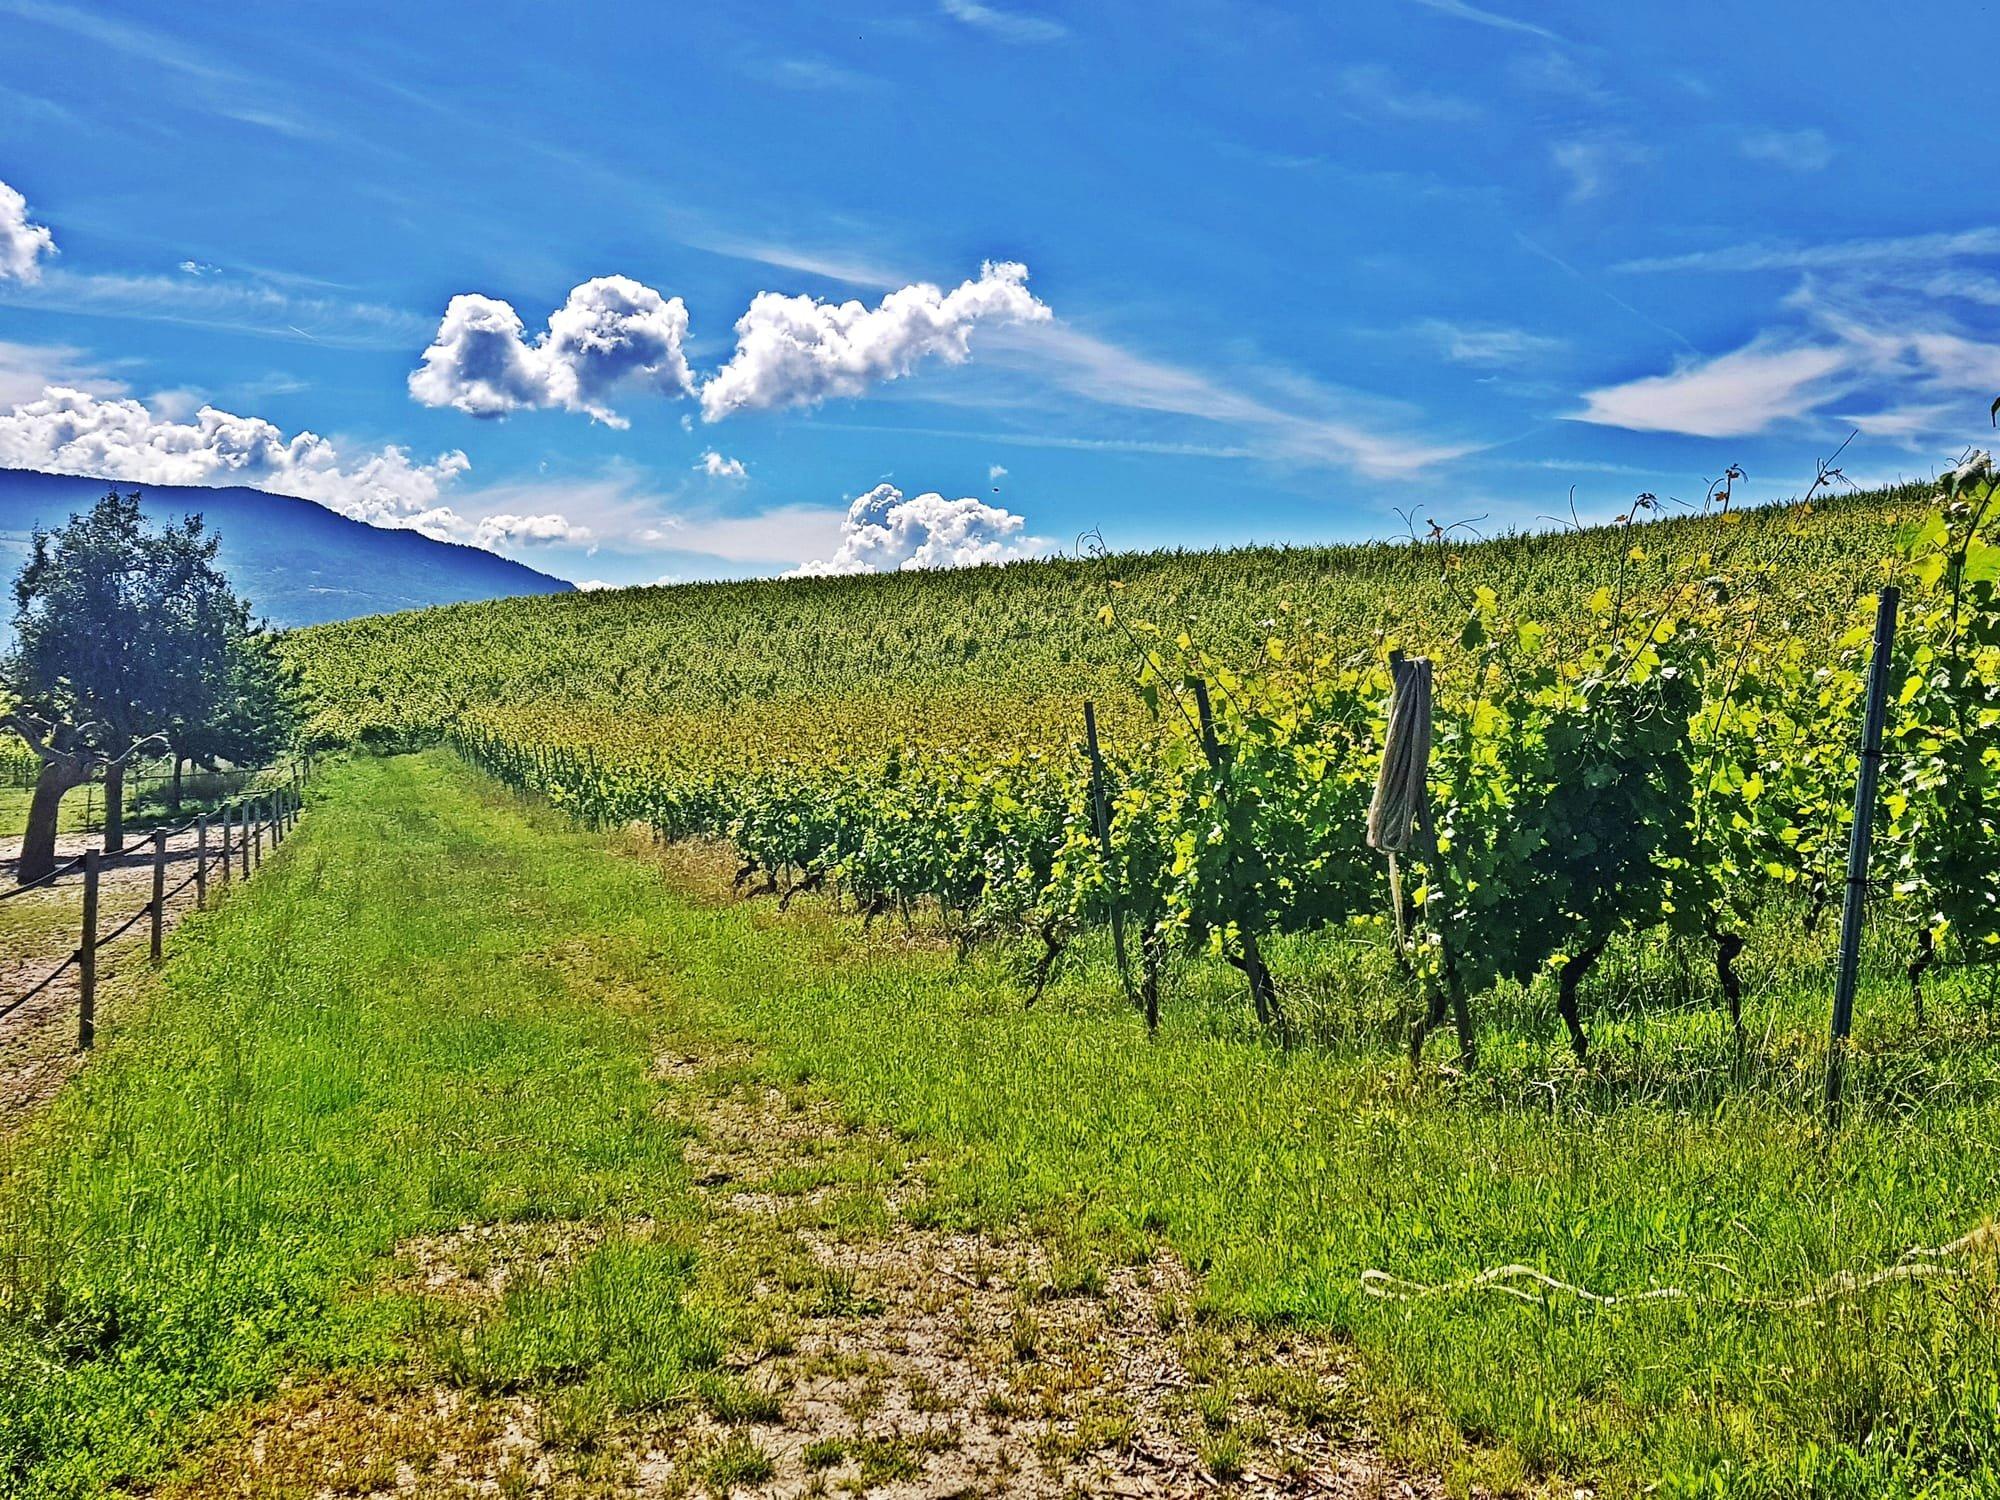 Les vignes à Choulex (Genève)